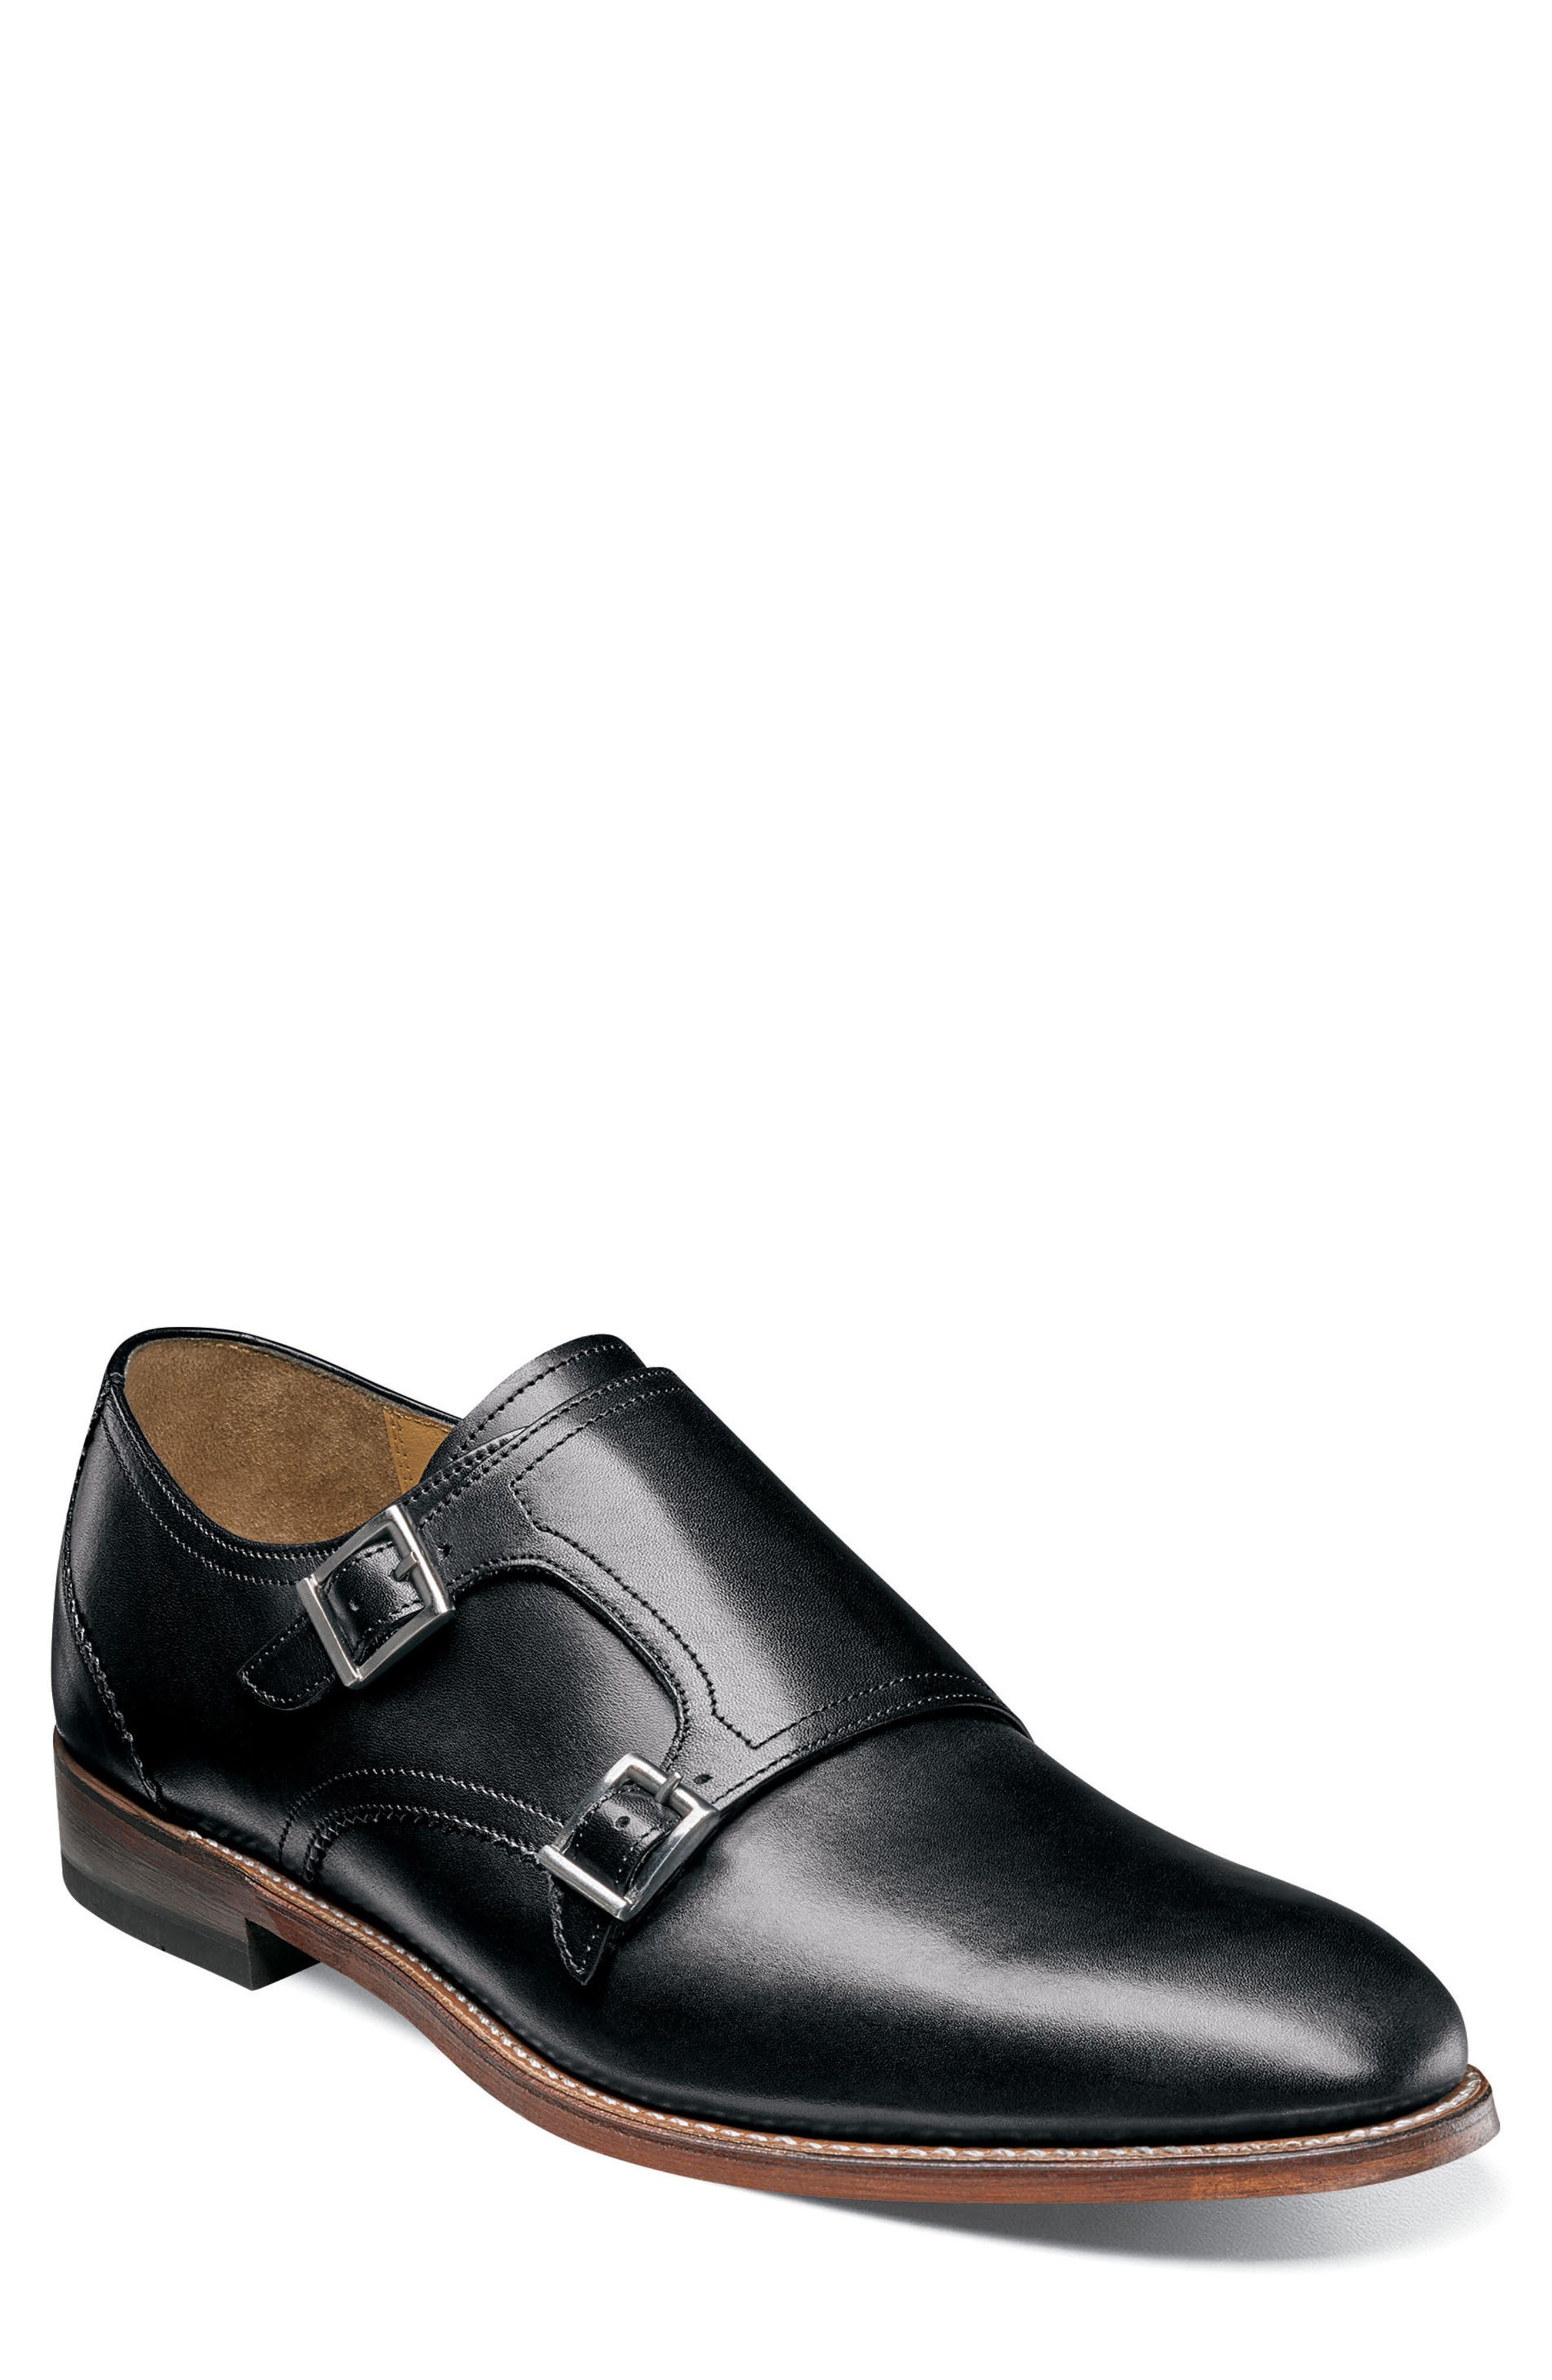 M2 Plain Toe Double Strap Monk Shoe,                         Main,                         color, Black Leather